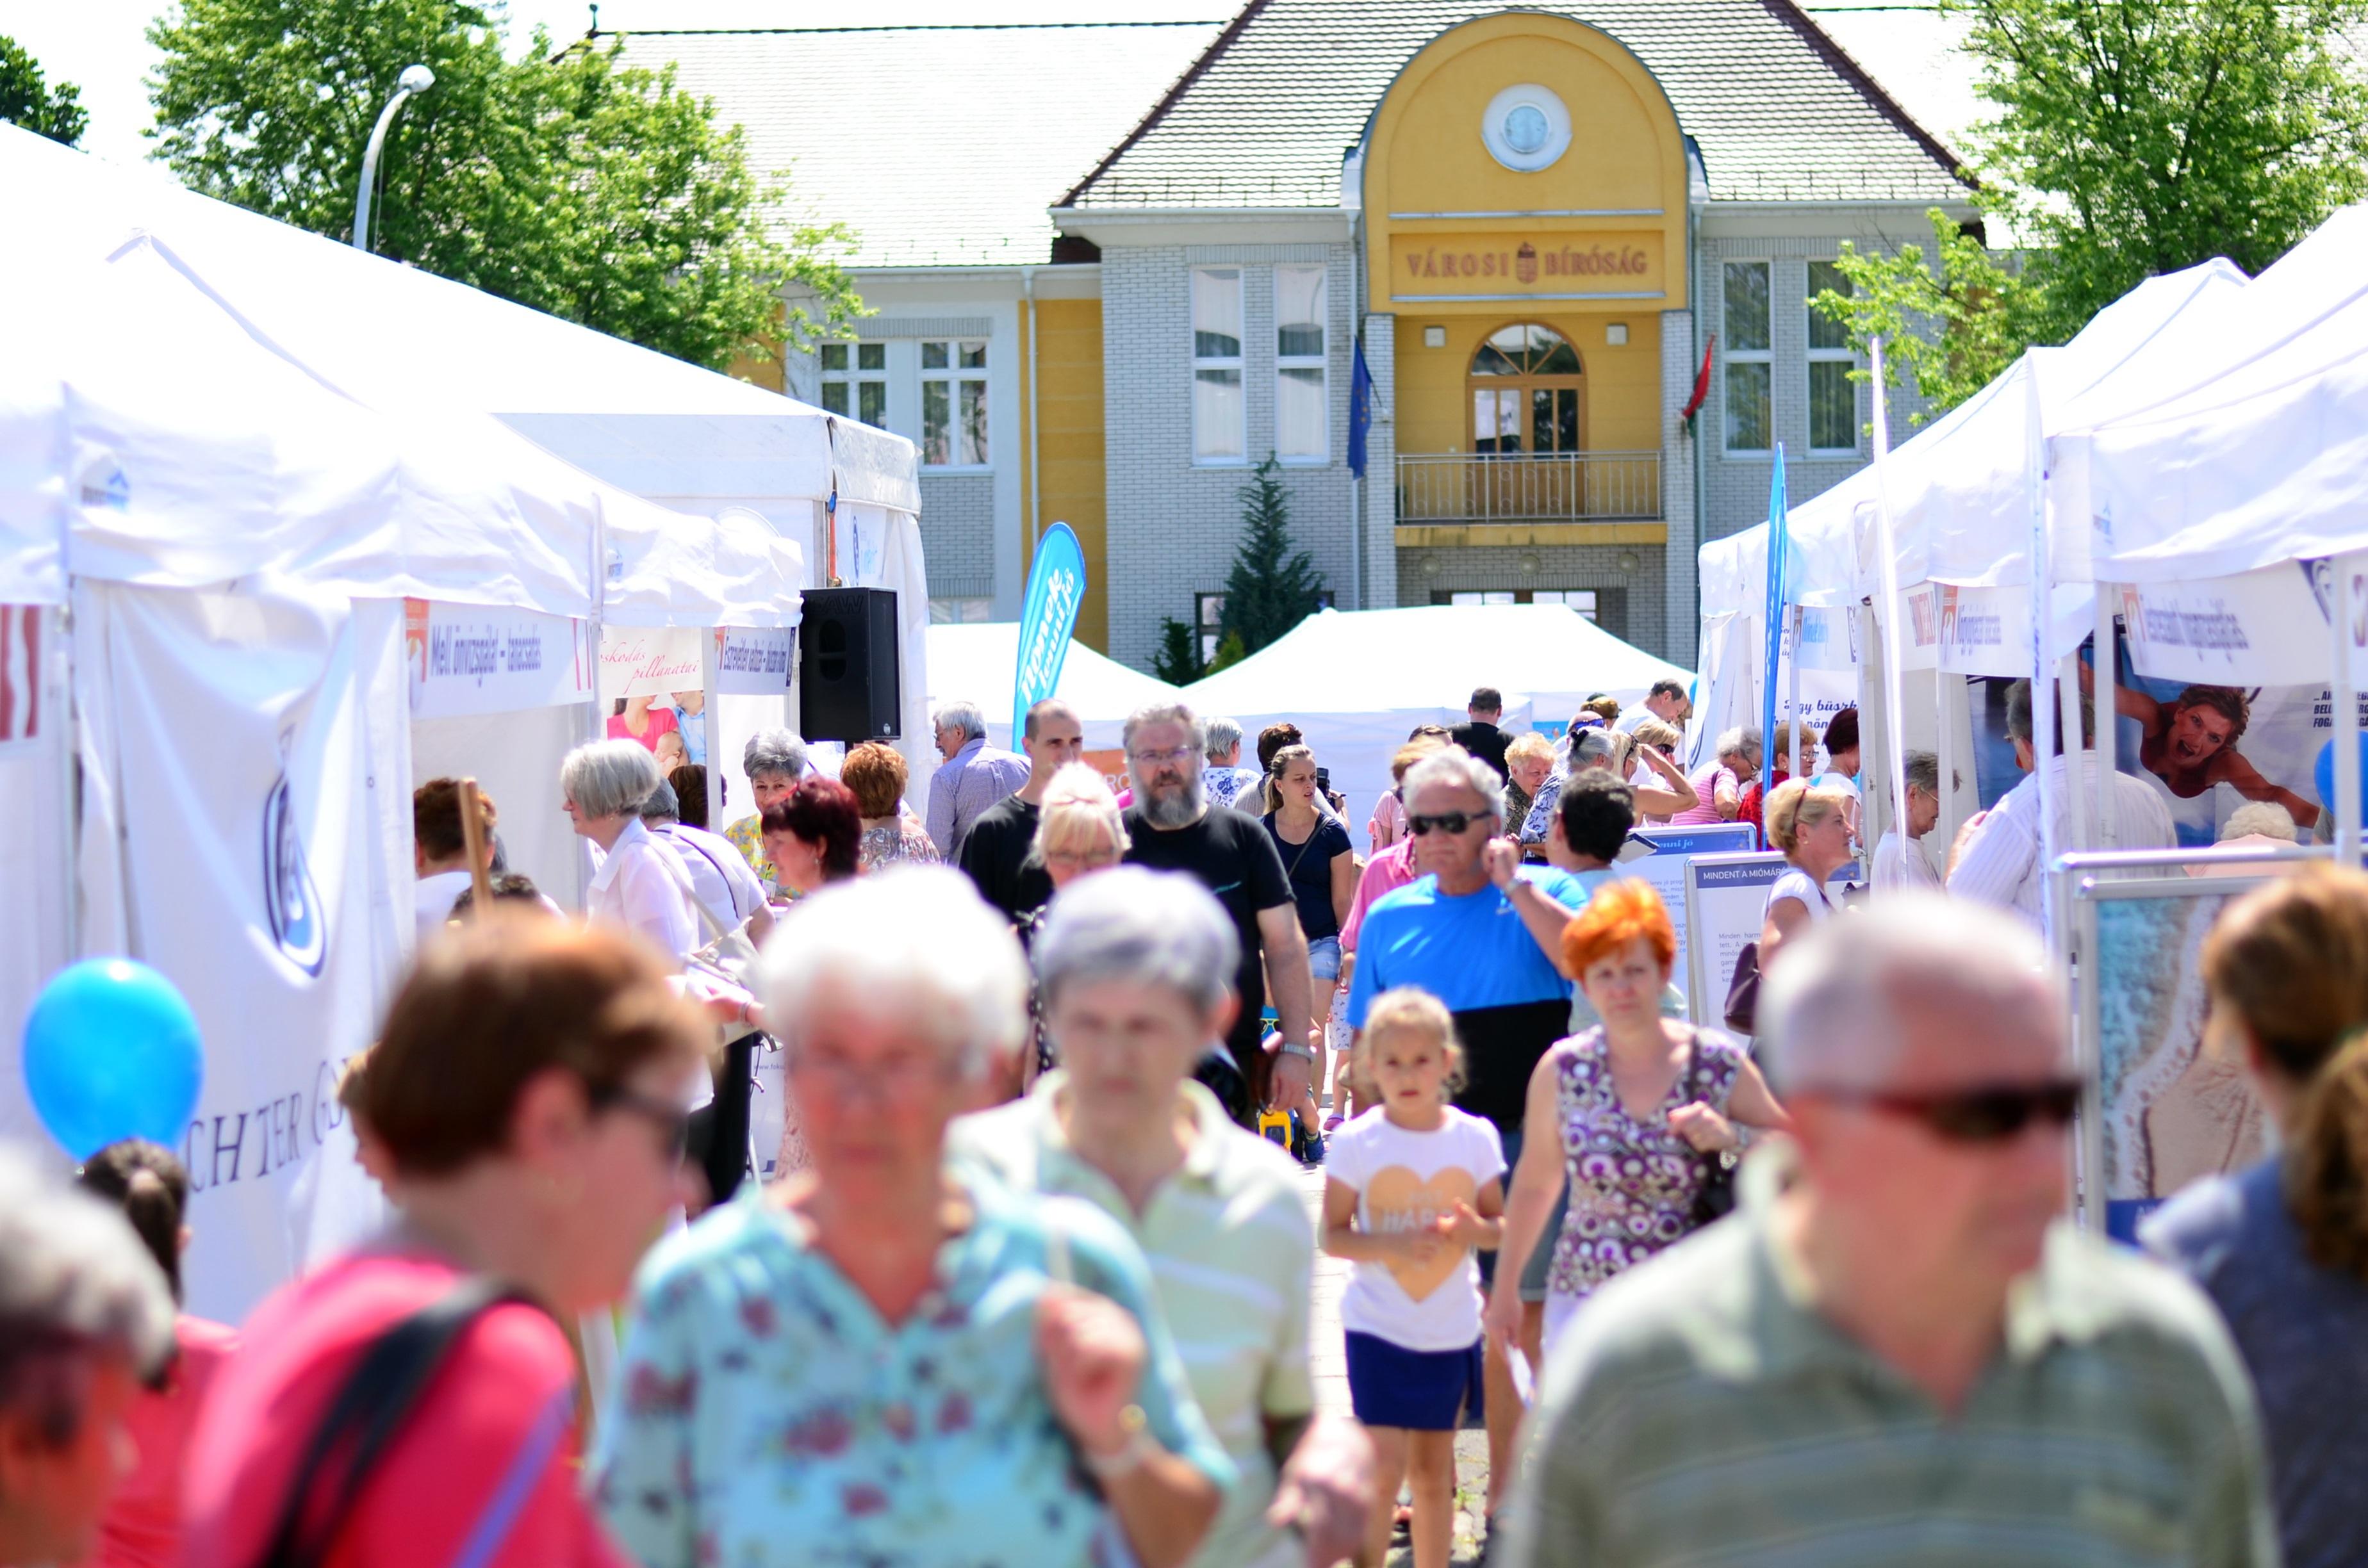 http://kolorline.hu/Rekordközeli összeget gyűjtött Kazincbarcika a kórházának